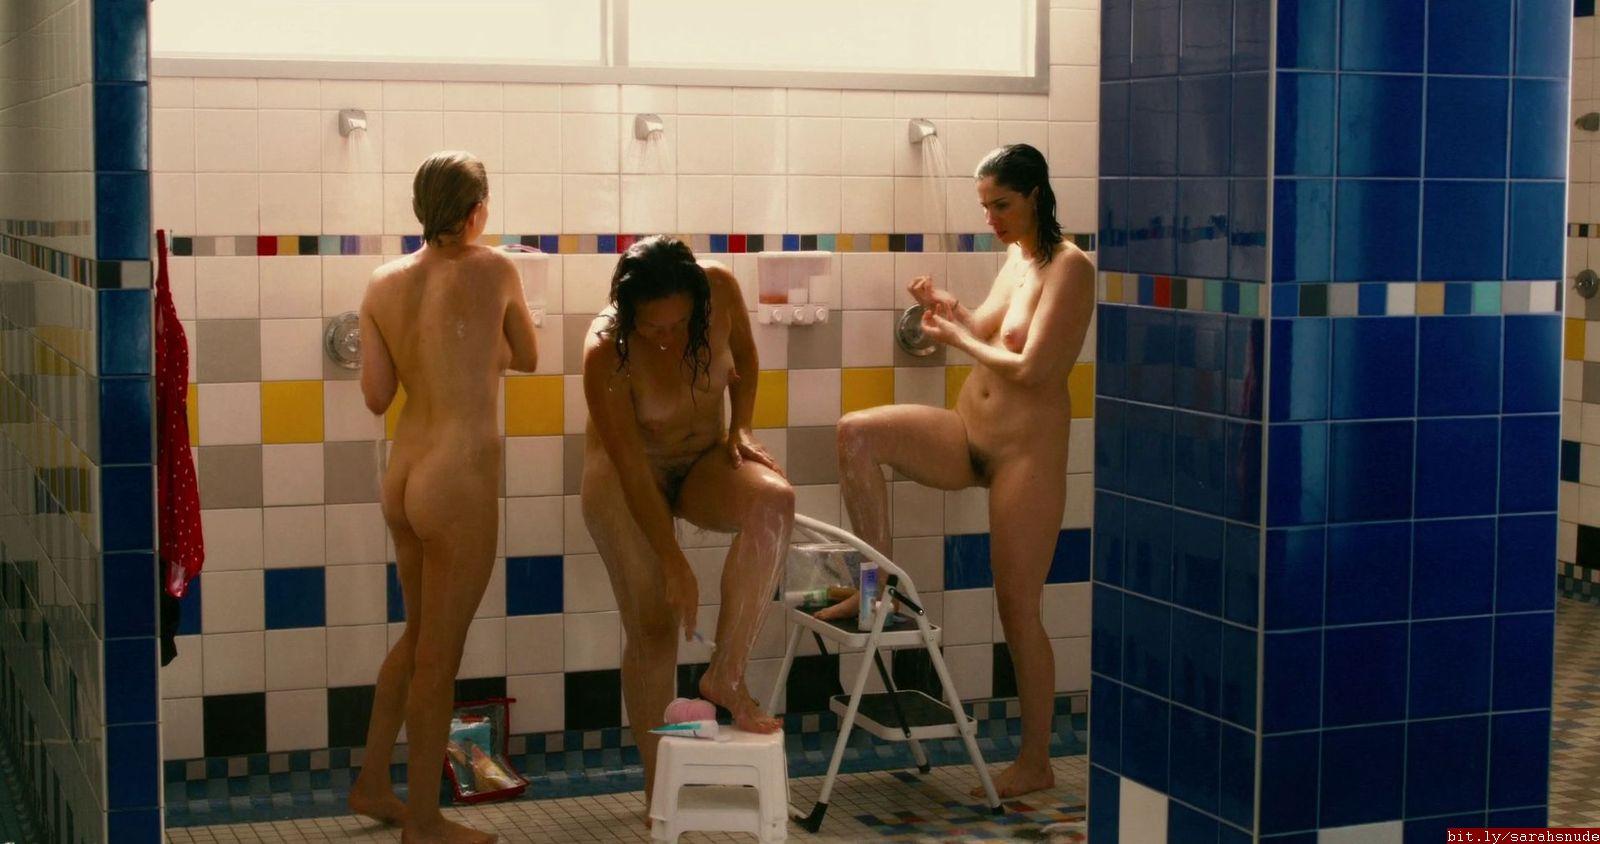 Sarah silverman nude photos